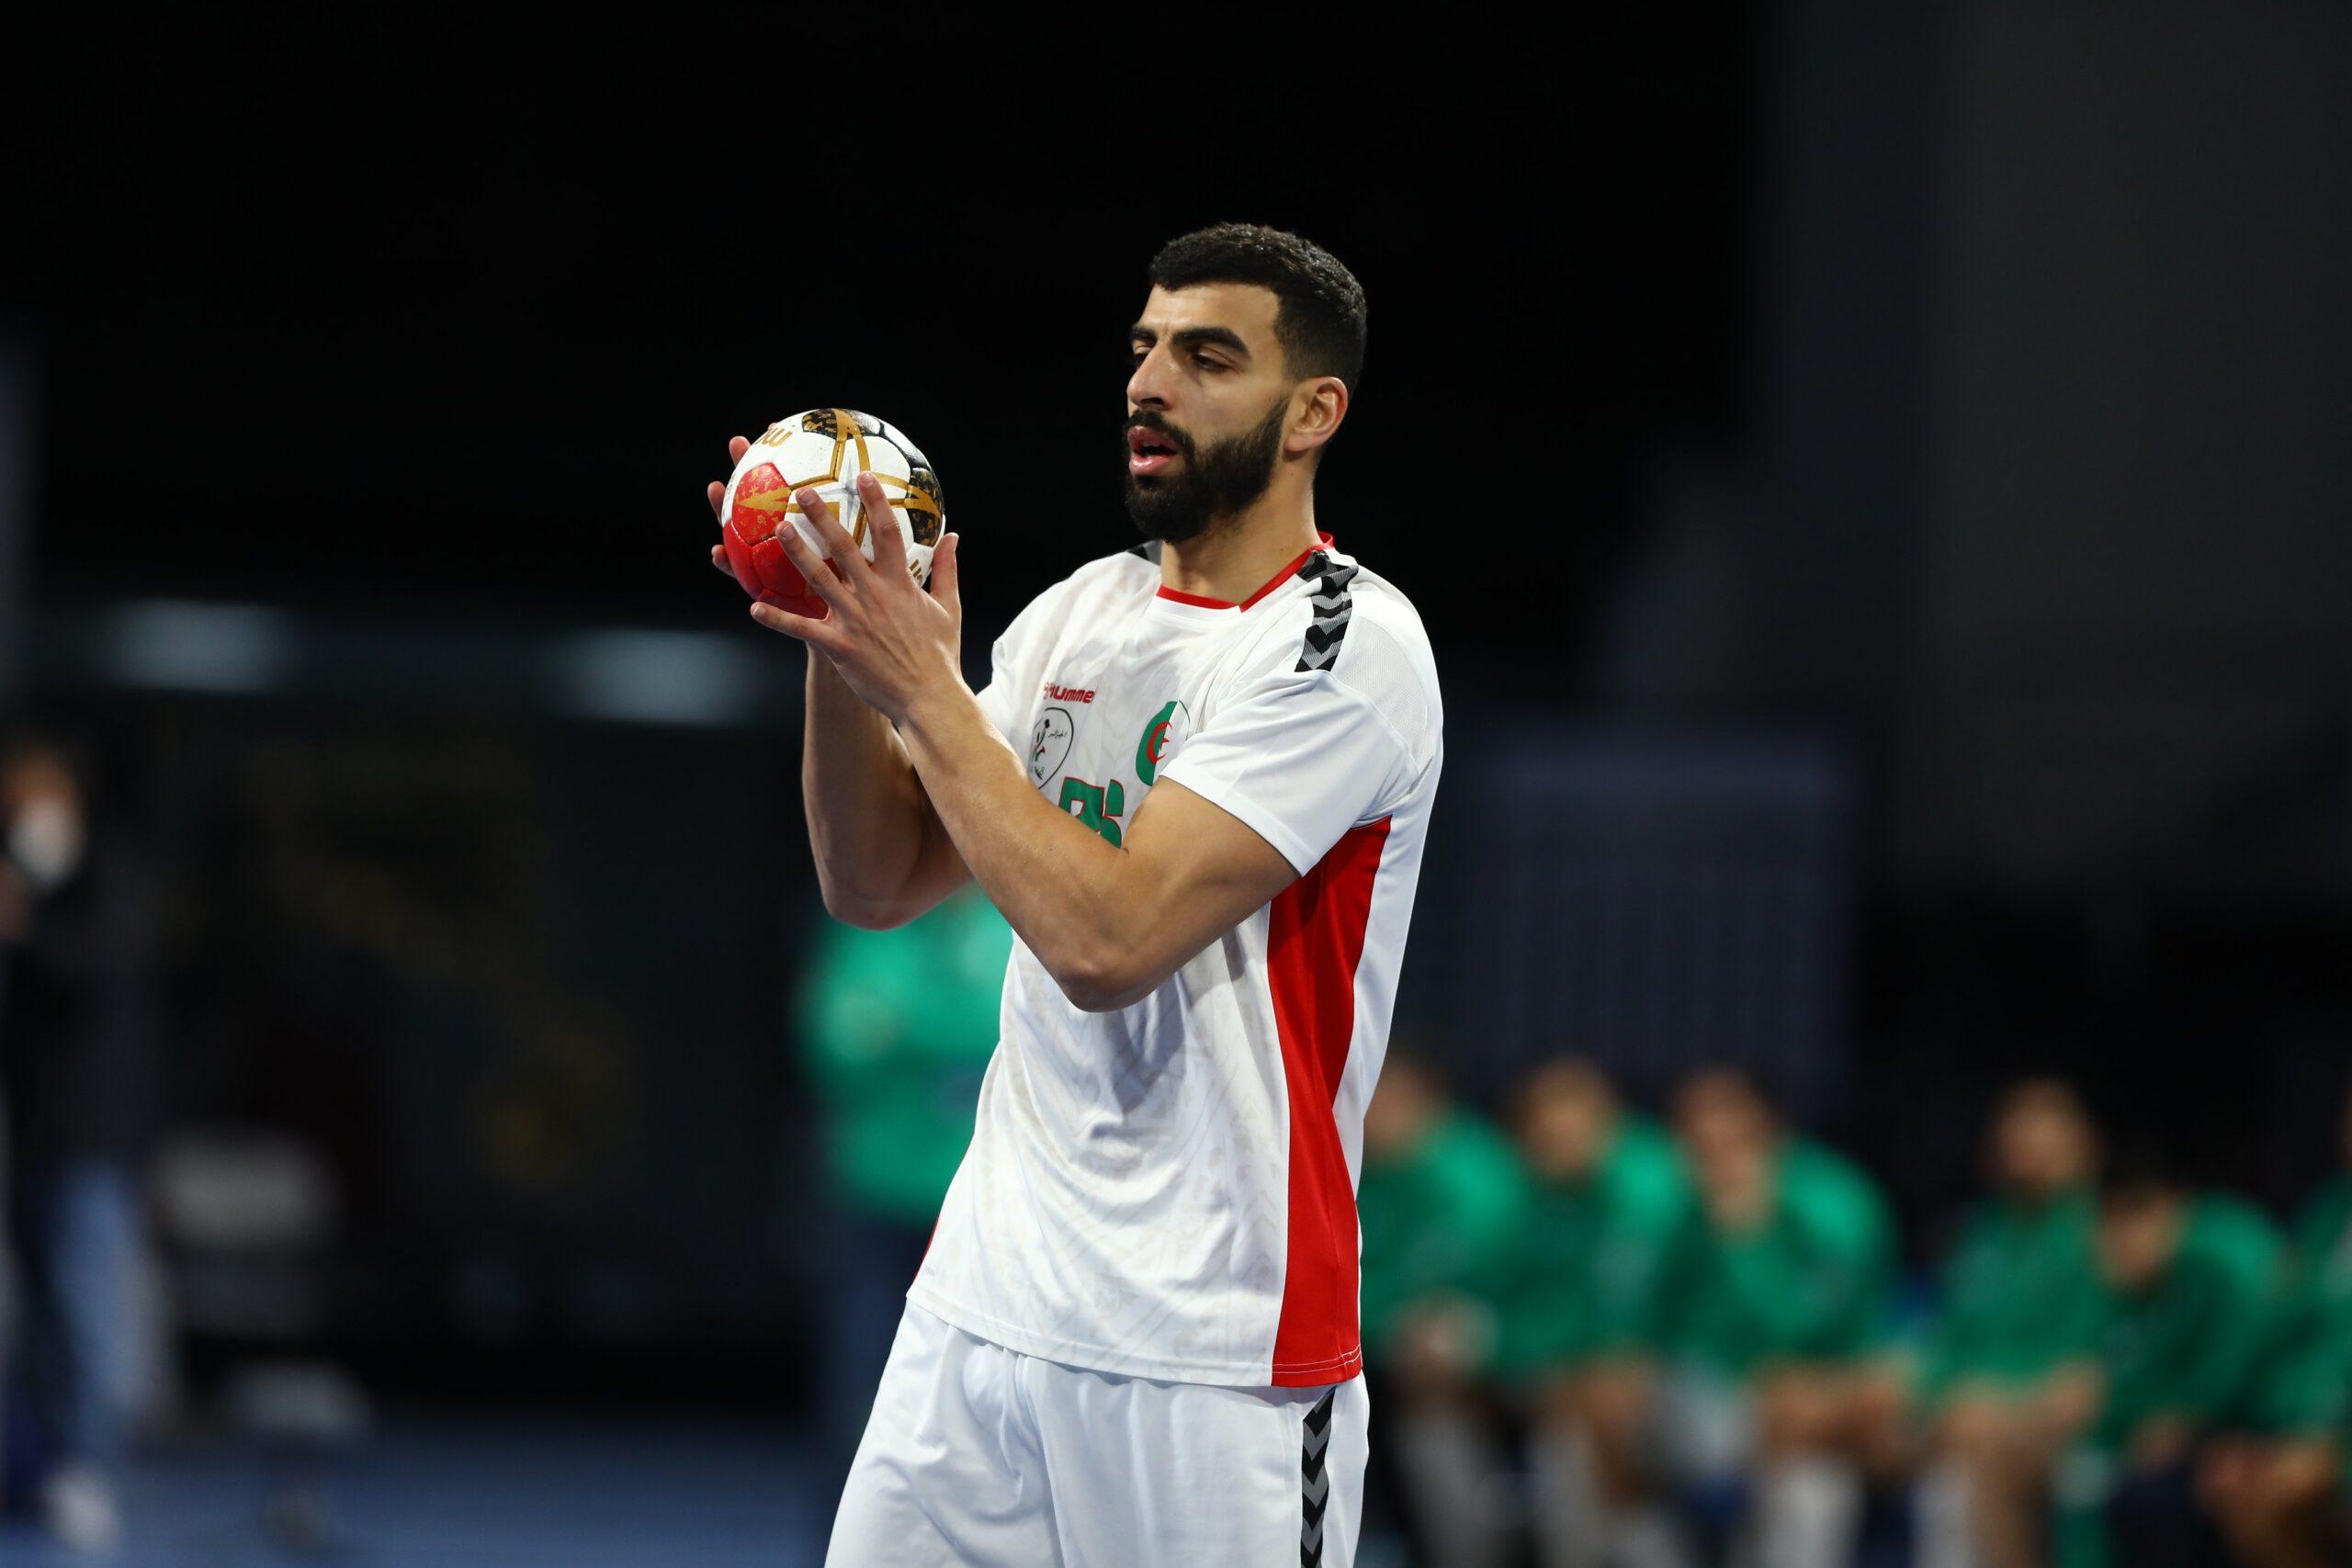 kader rahimi algerie handball egypt2021